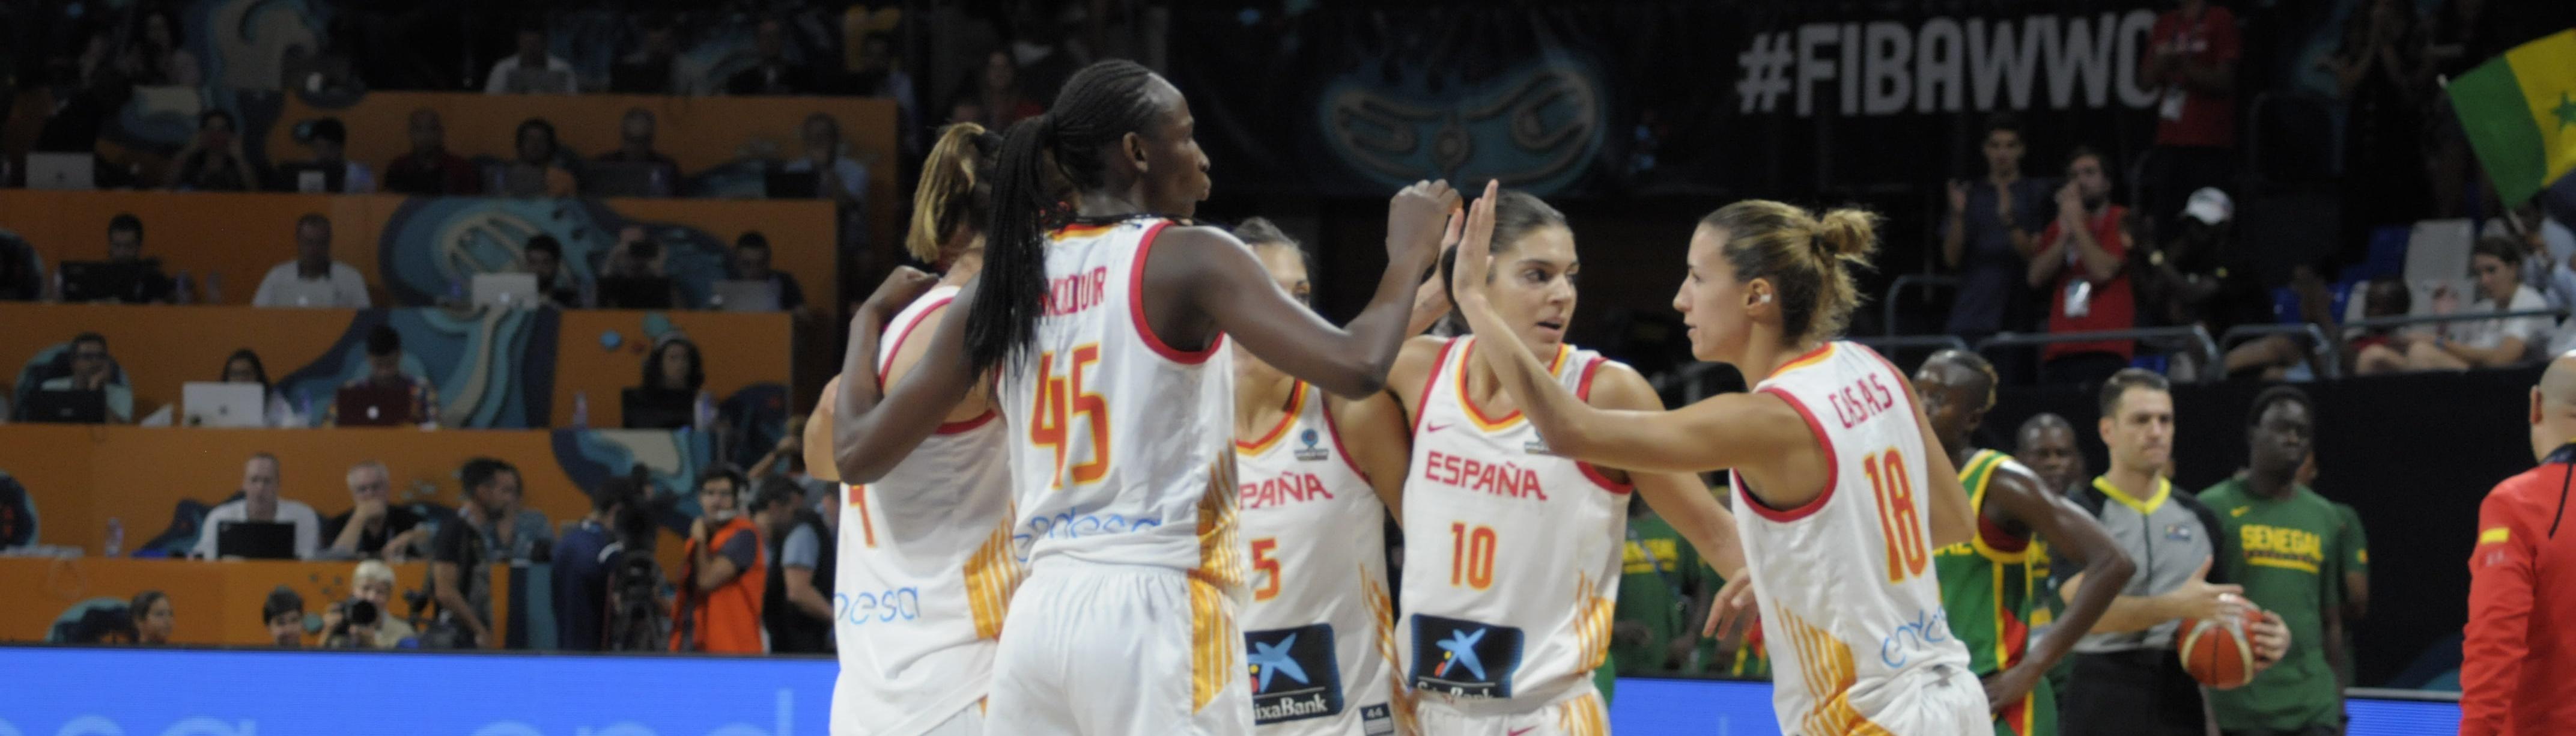 Al habla las jugadoras de España: «Hemos tenido la fuerza necesaria para poder ganar esta final»